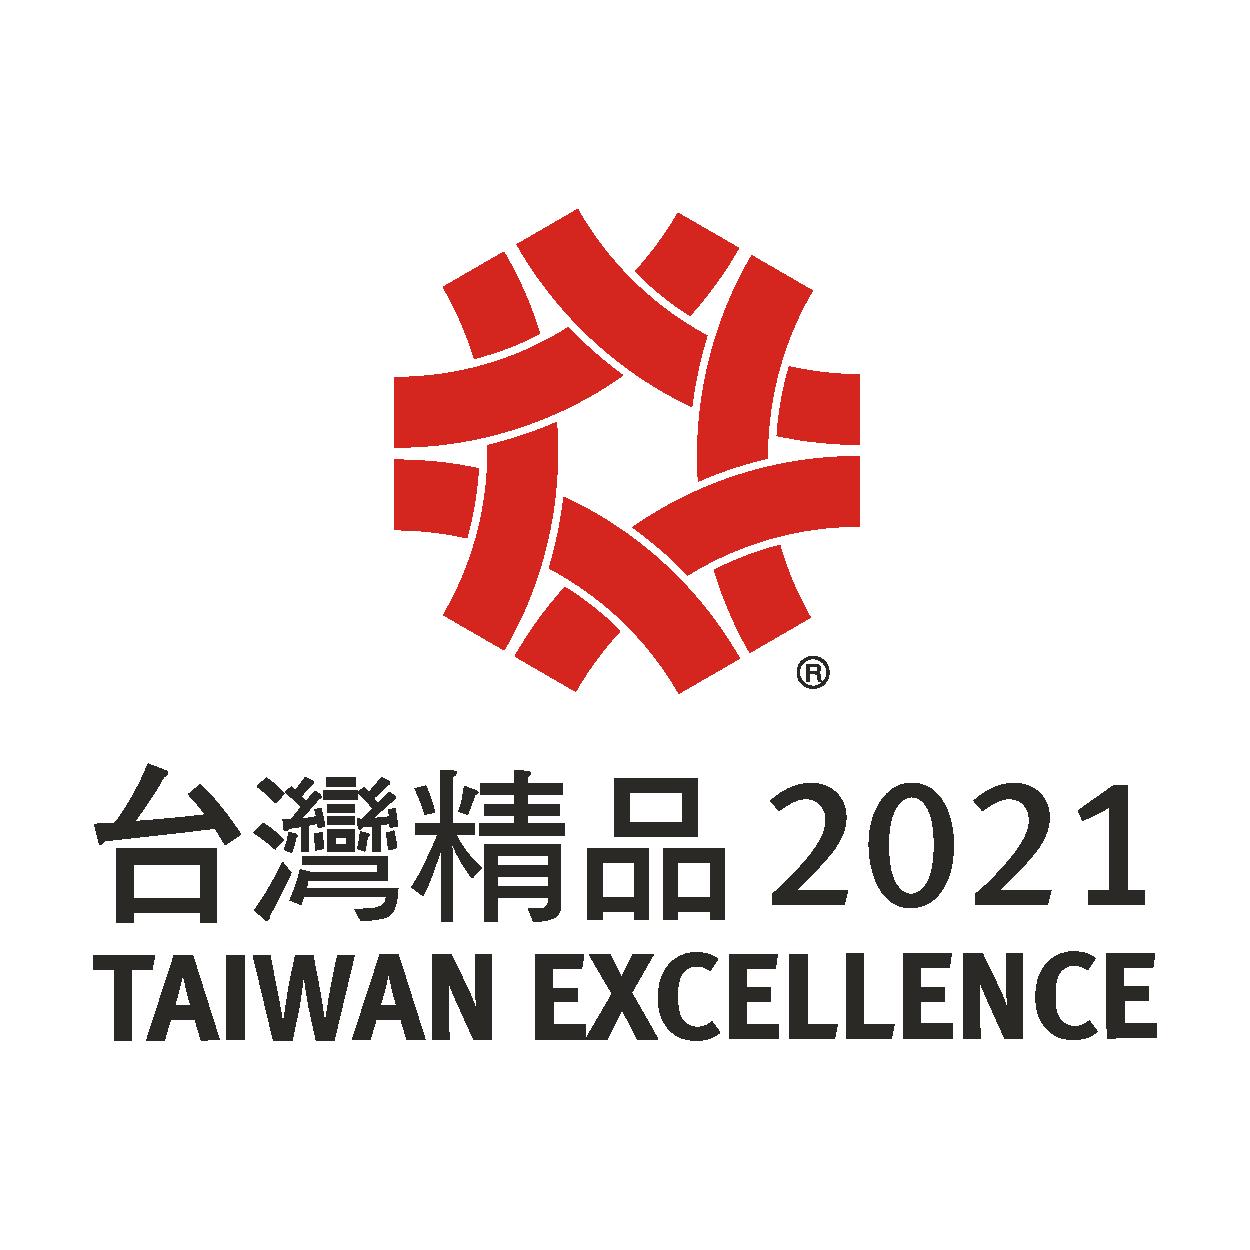 台灣精品獎2021